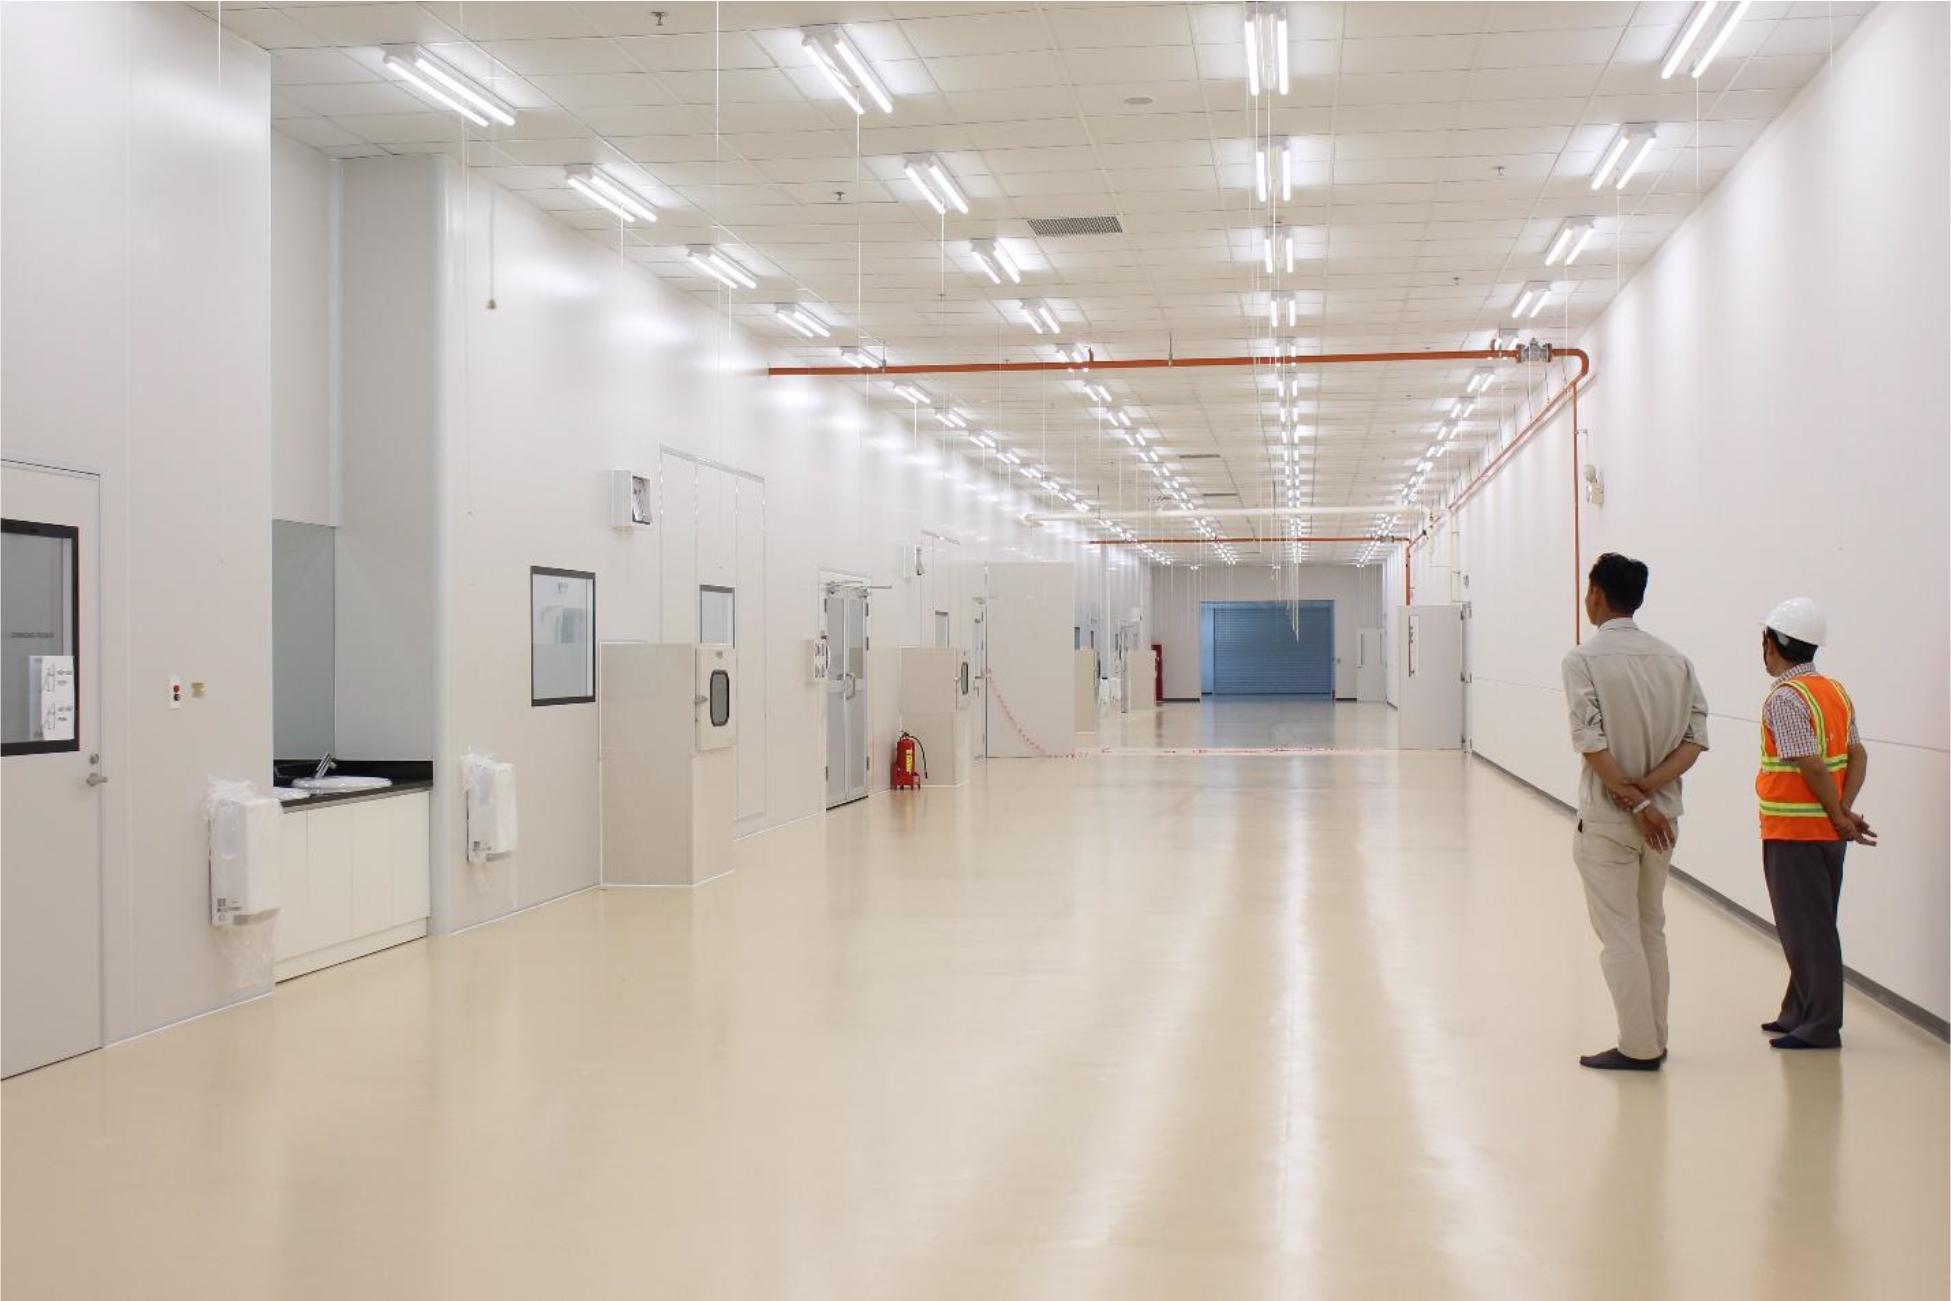 Tiêu chuẩn phòng sạch và thiết kế thi công phòng sạch